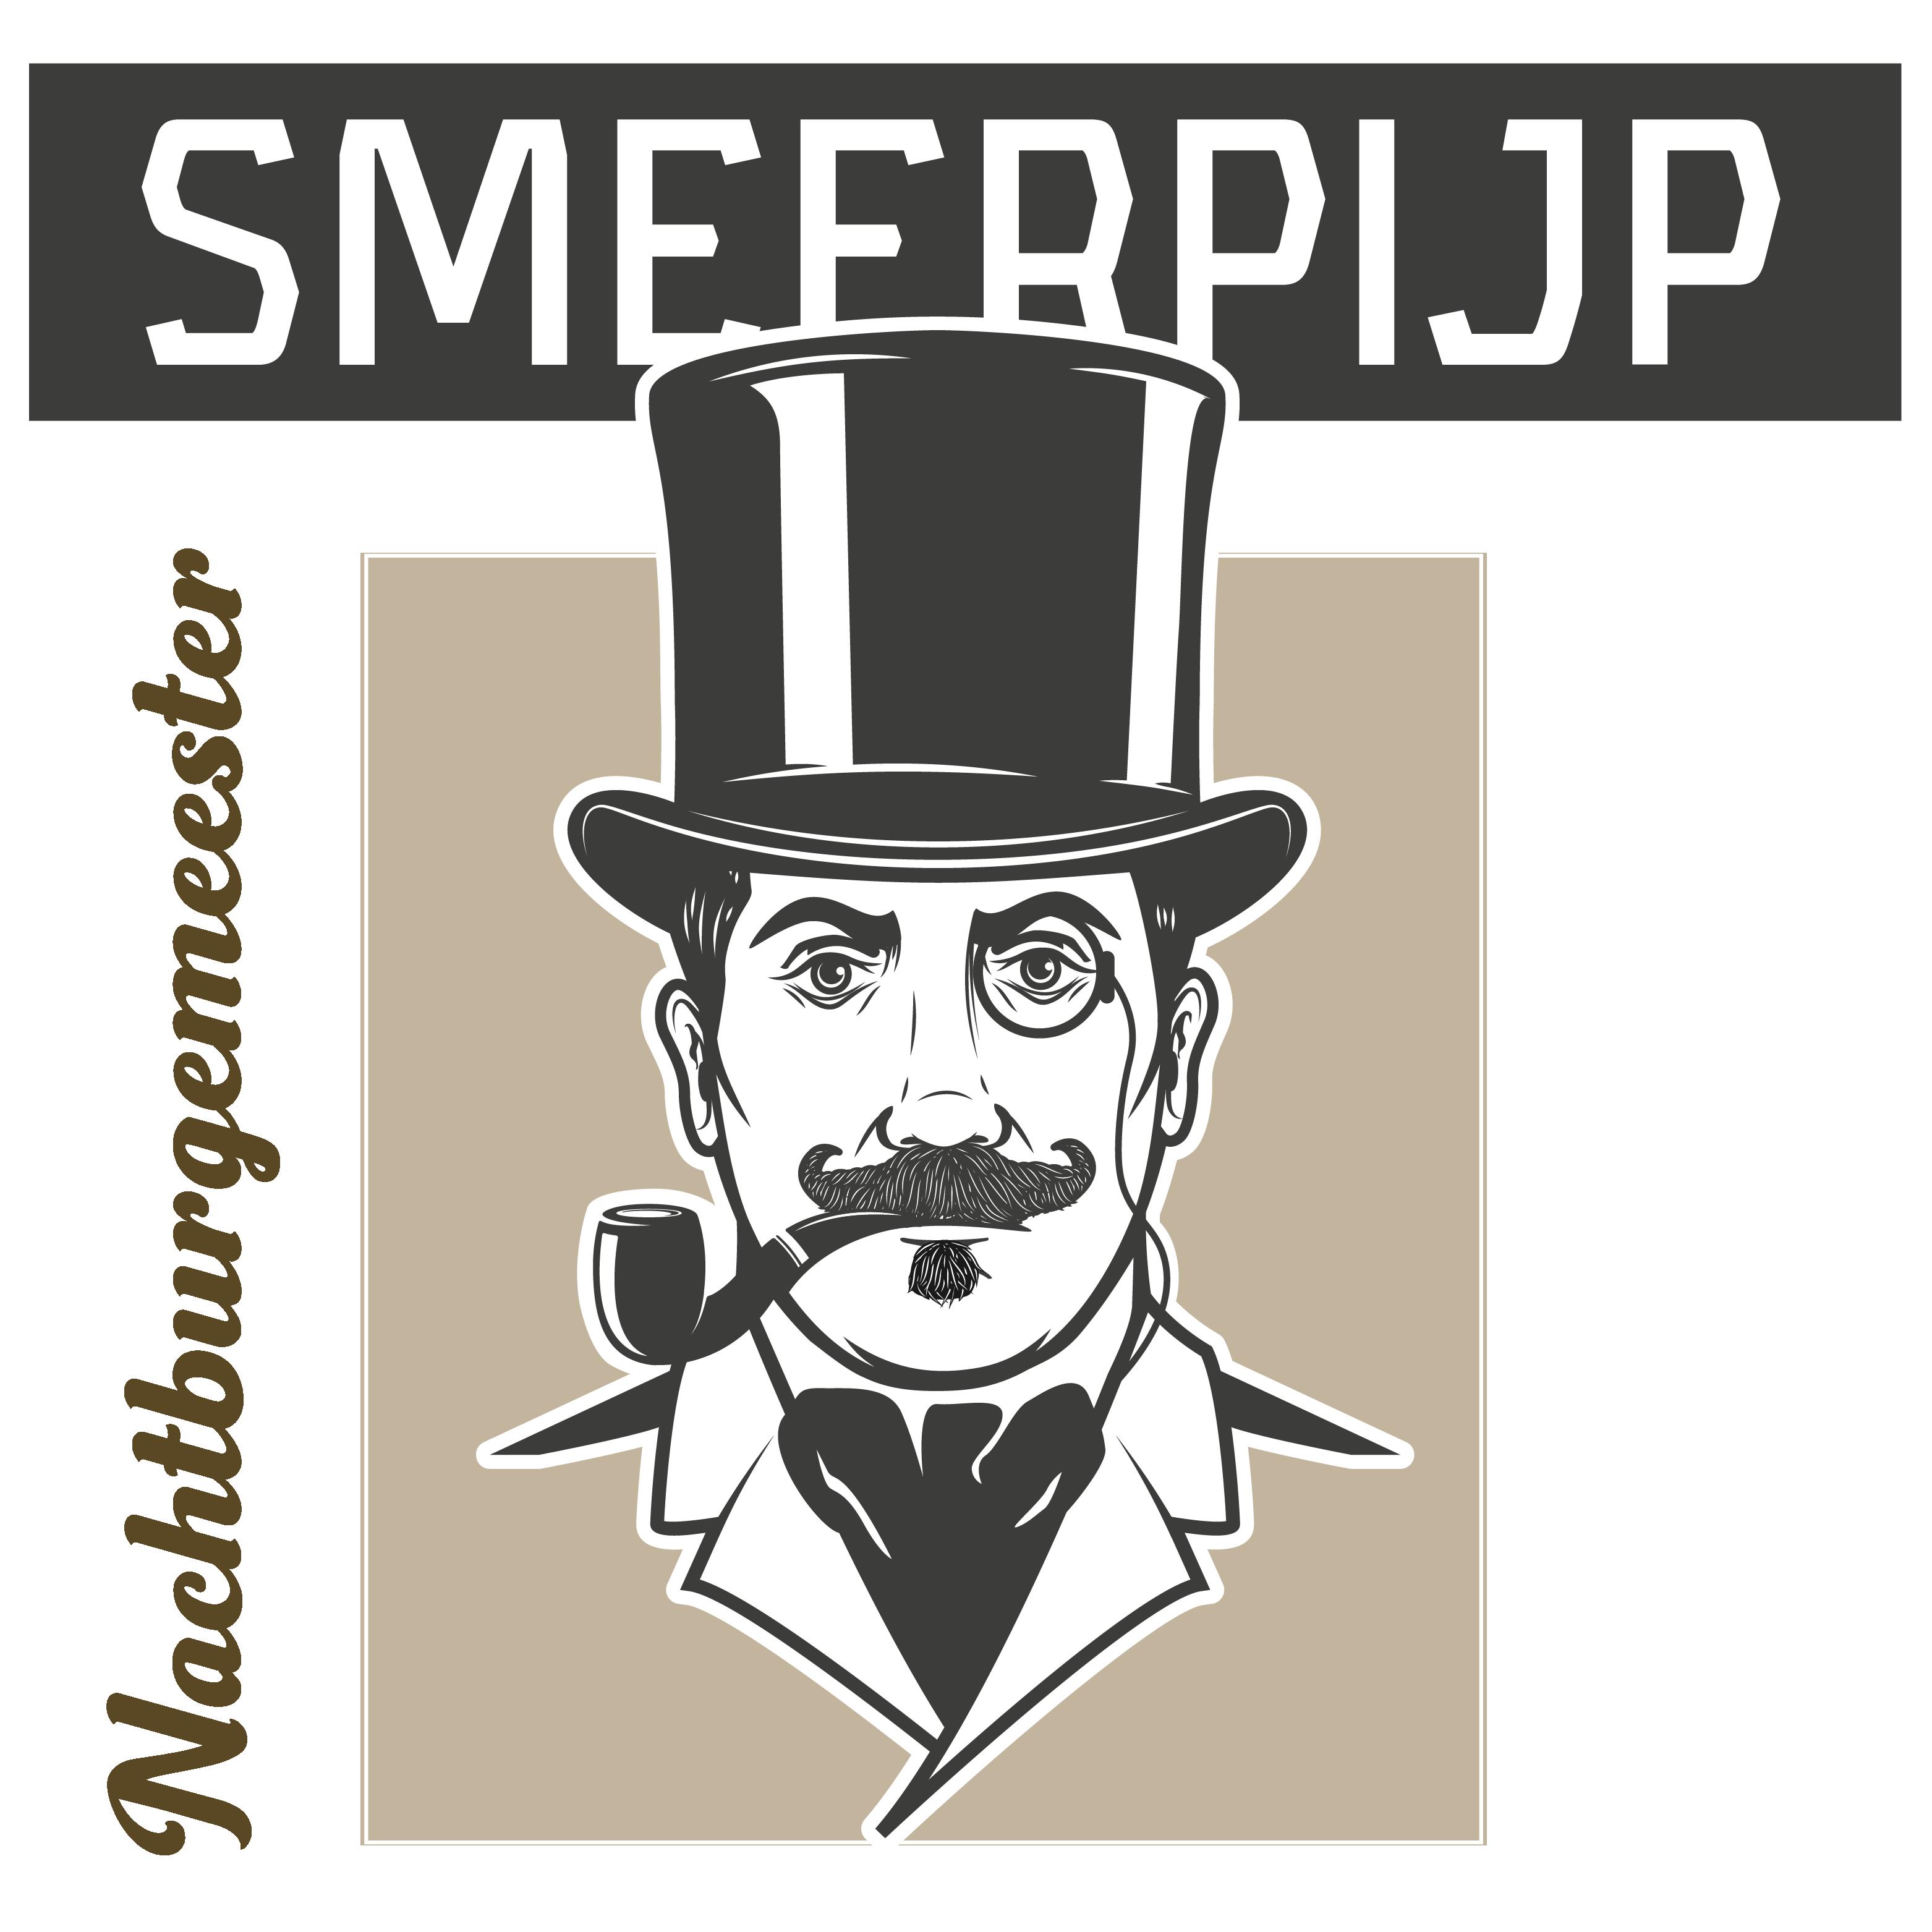 logo-smeerpijp-vierkant_Nachtburgemeester